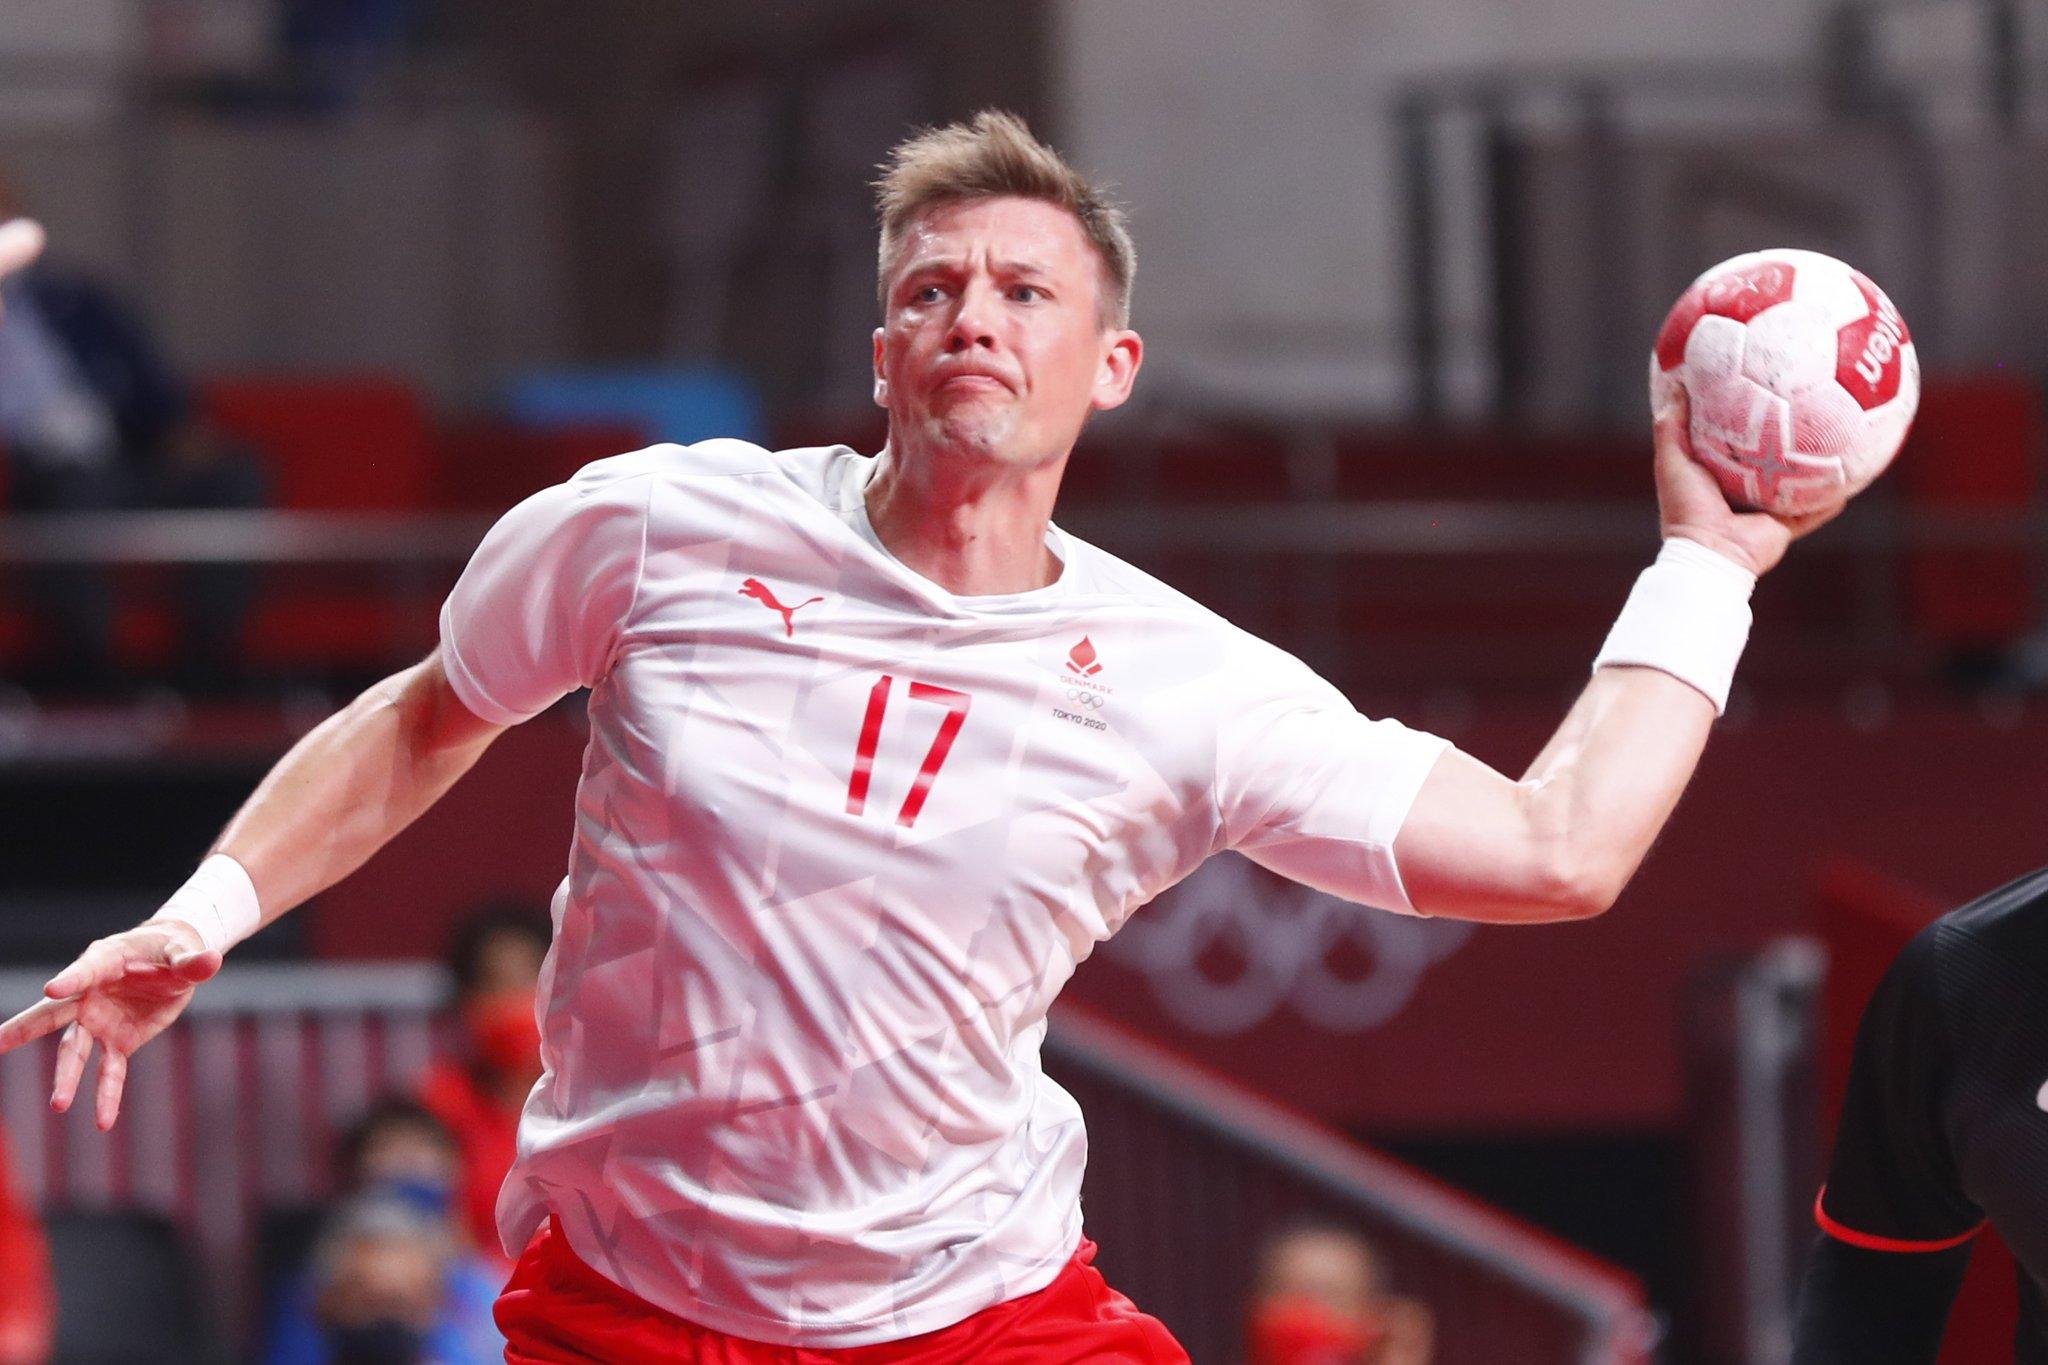 Данска гази се пред себе, ниту Португалија не можеше против олимпискиот шампион